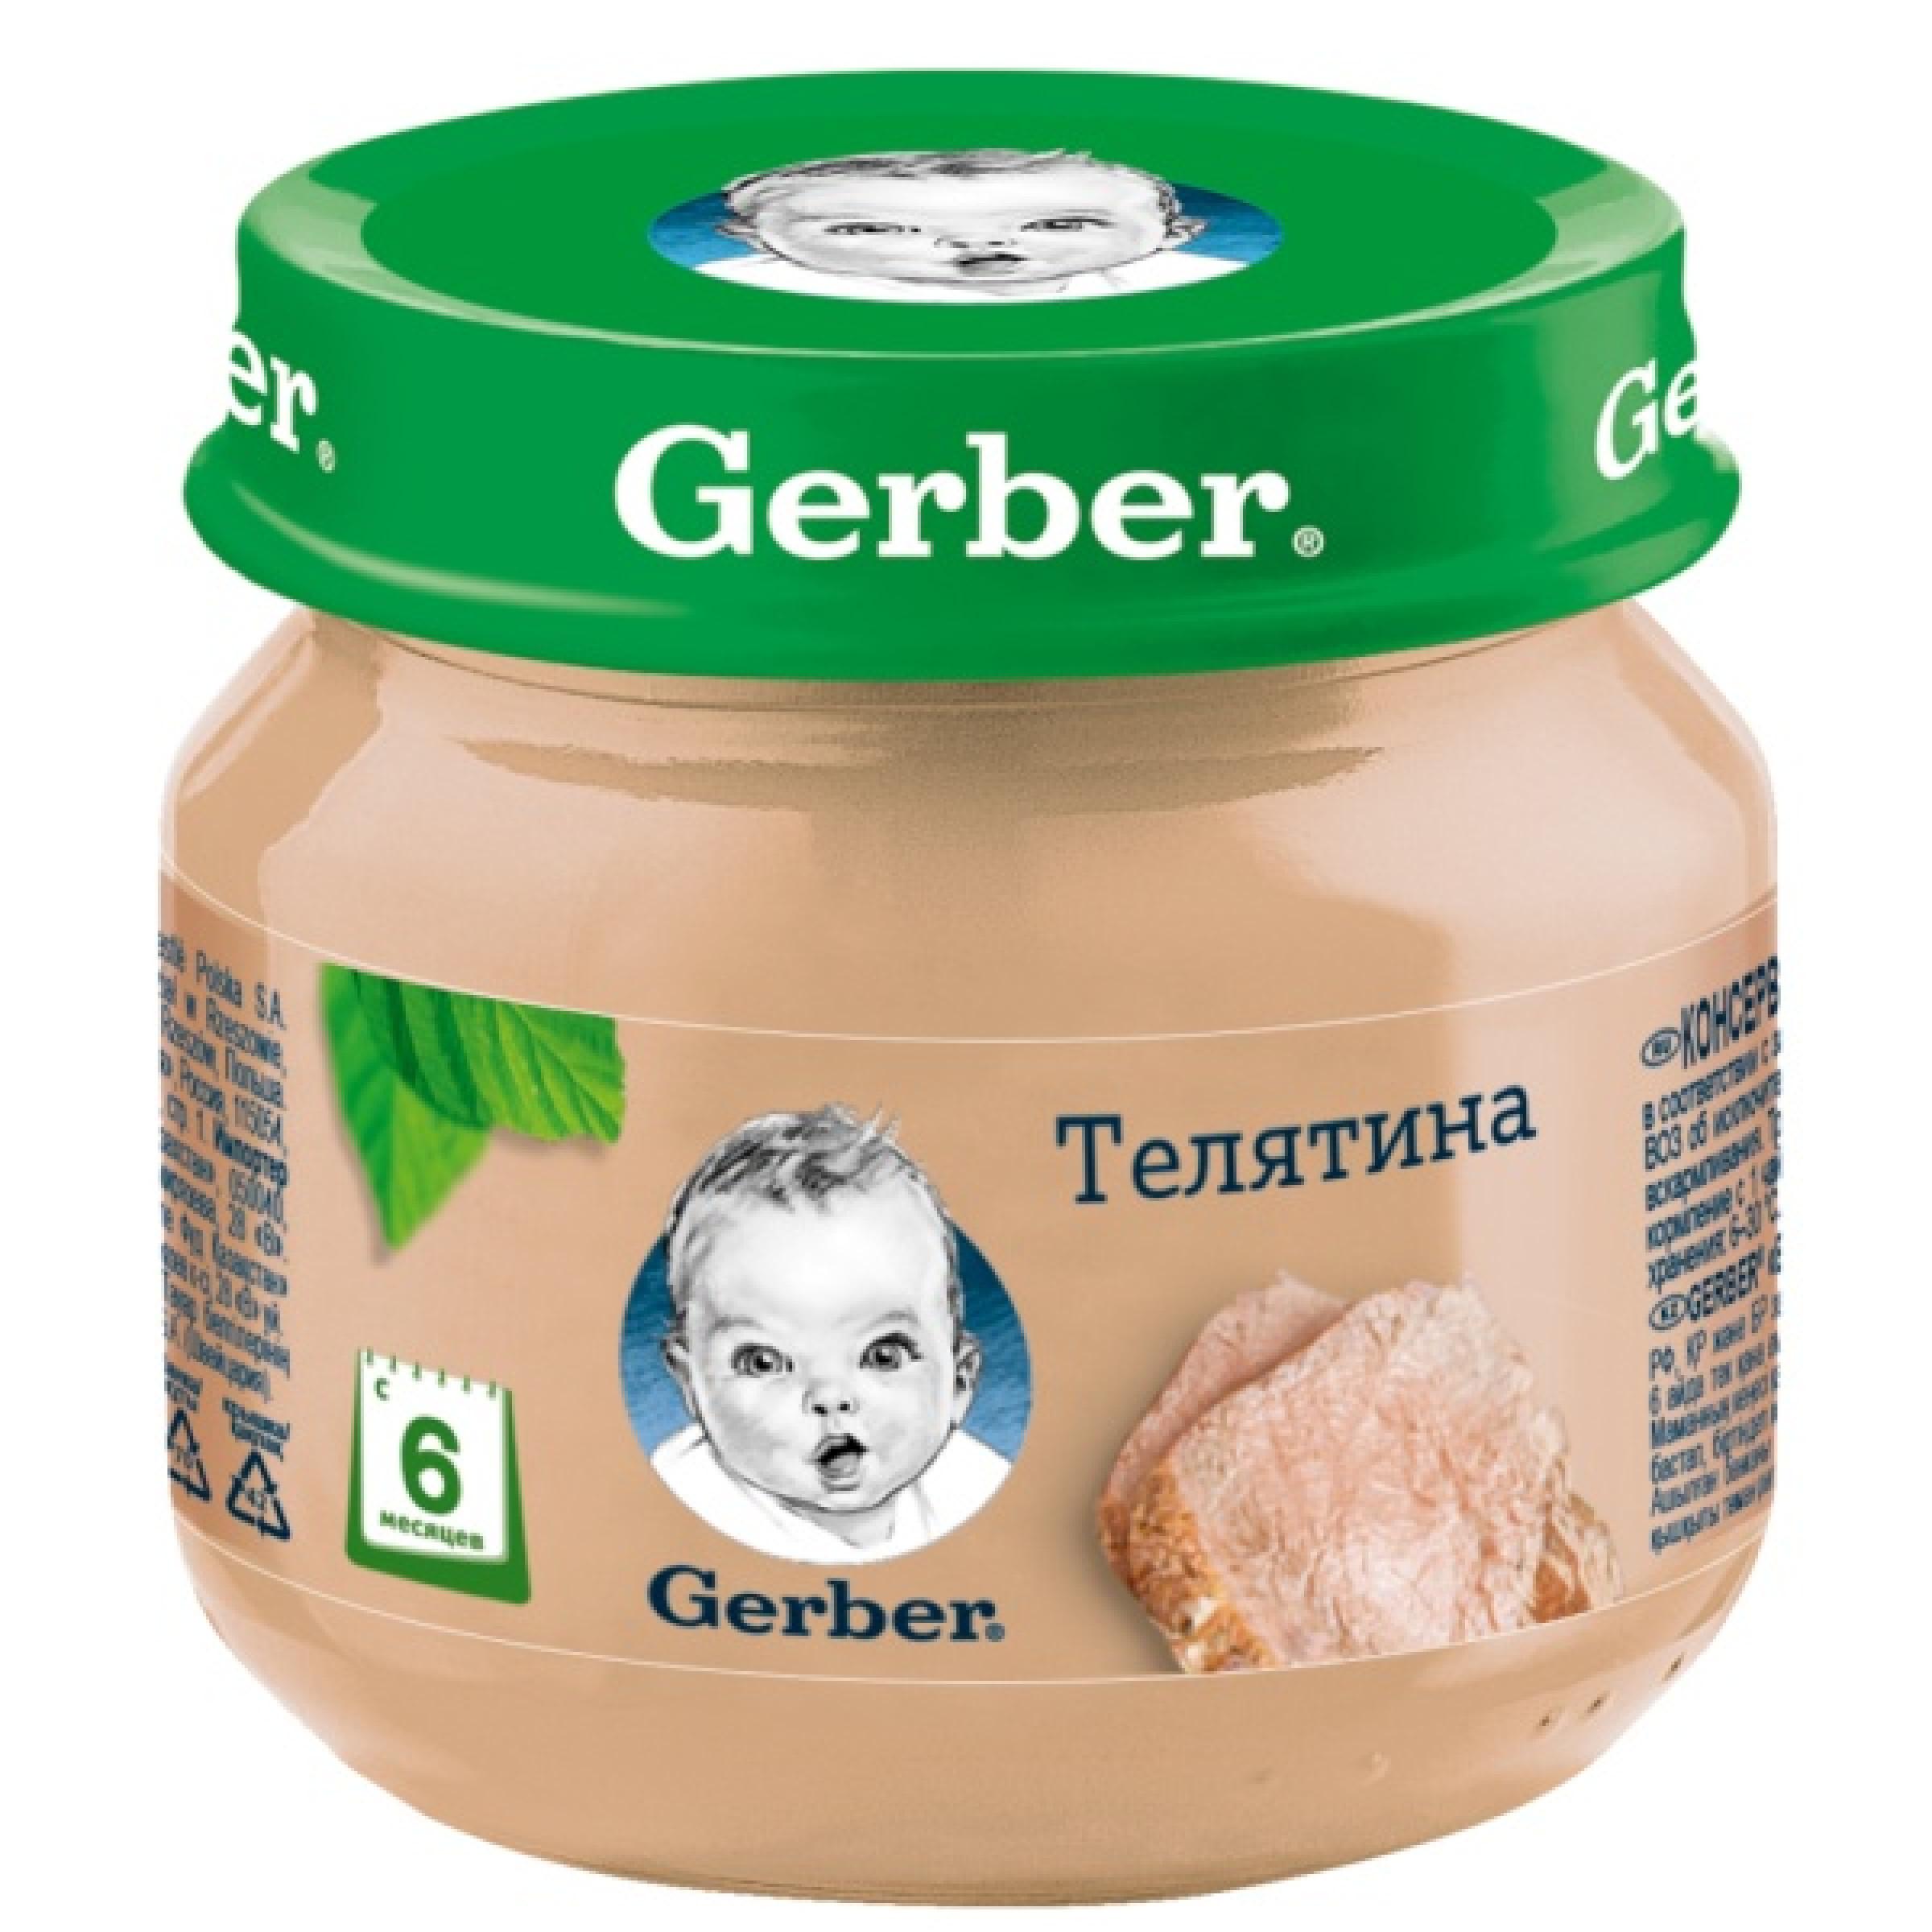 Мясное пюре Gerber с телятиной с 6 месяцев, 80 г